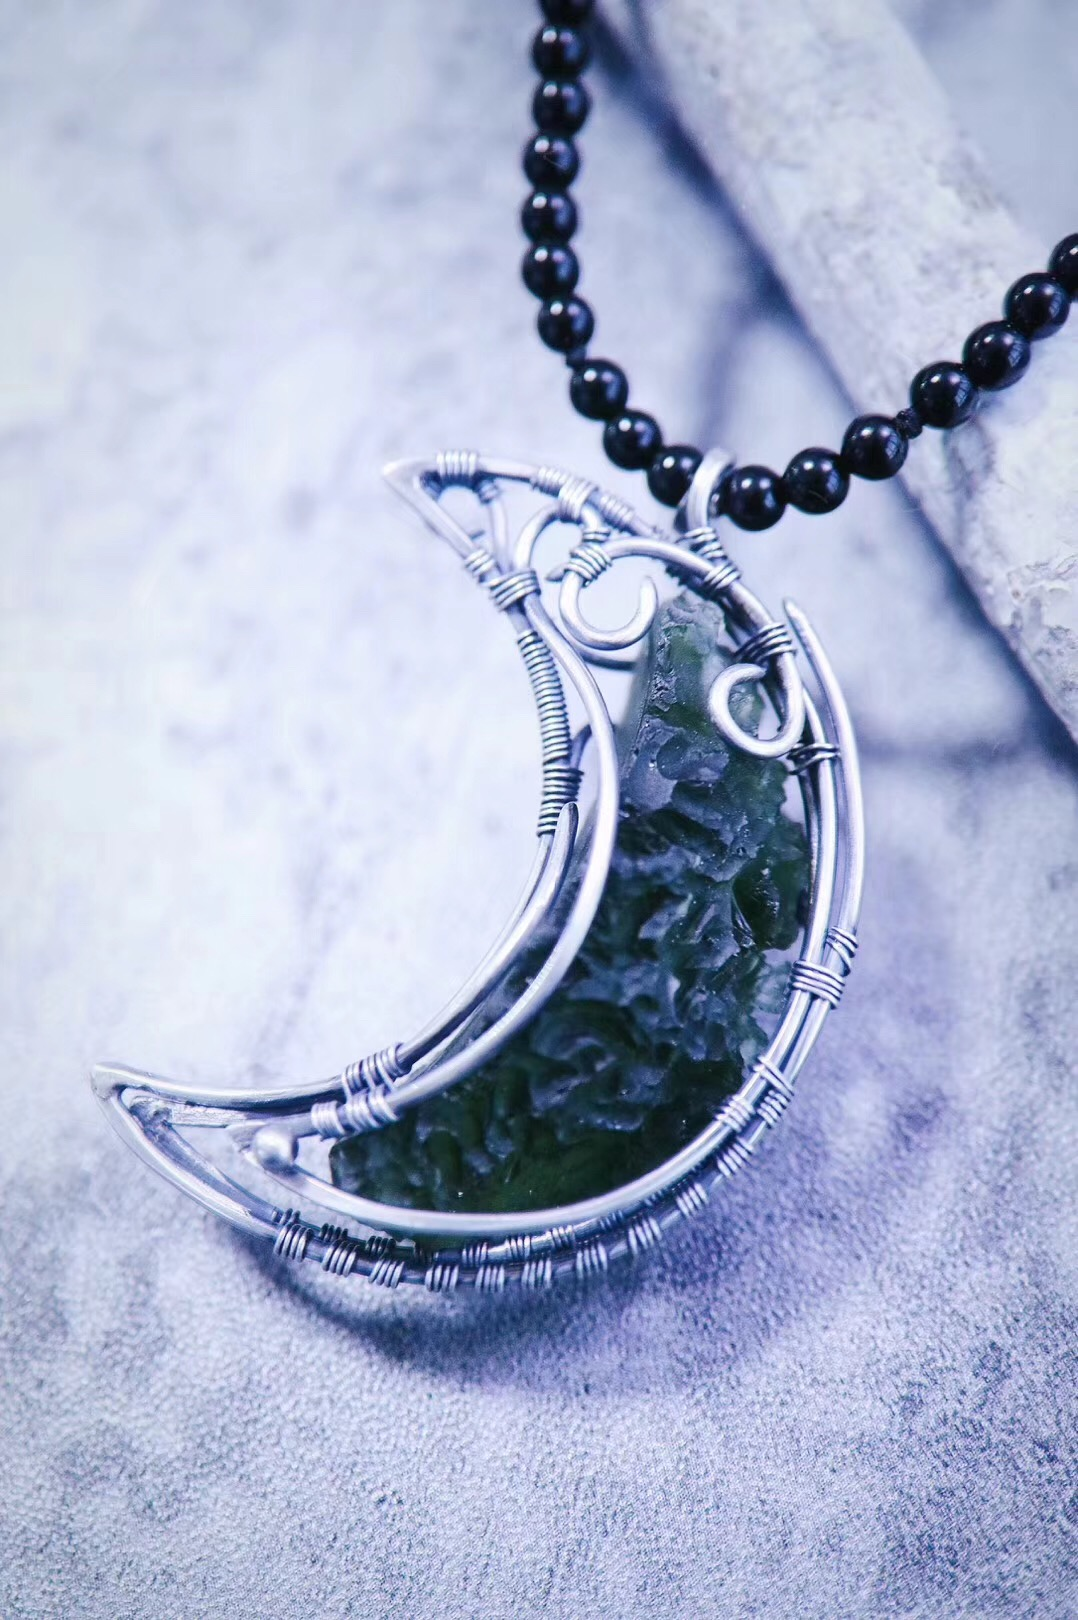 【菩心·捷克陨石】捷克陨石,心轮能量最强的一种天然陨石-菩心晶舍